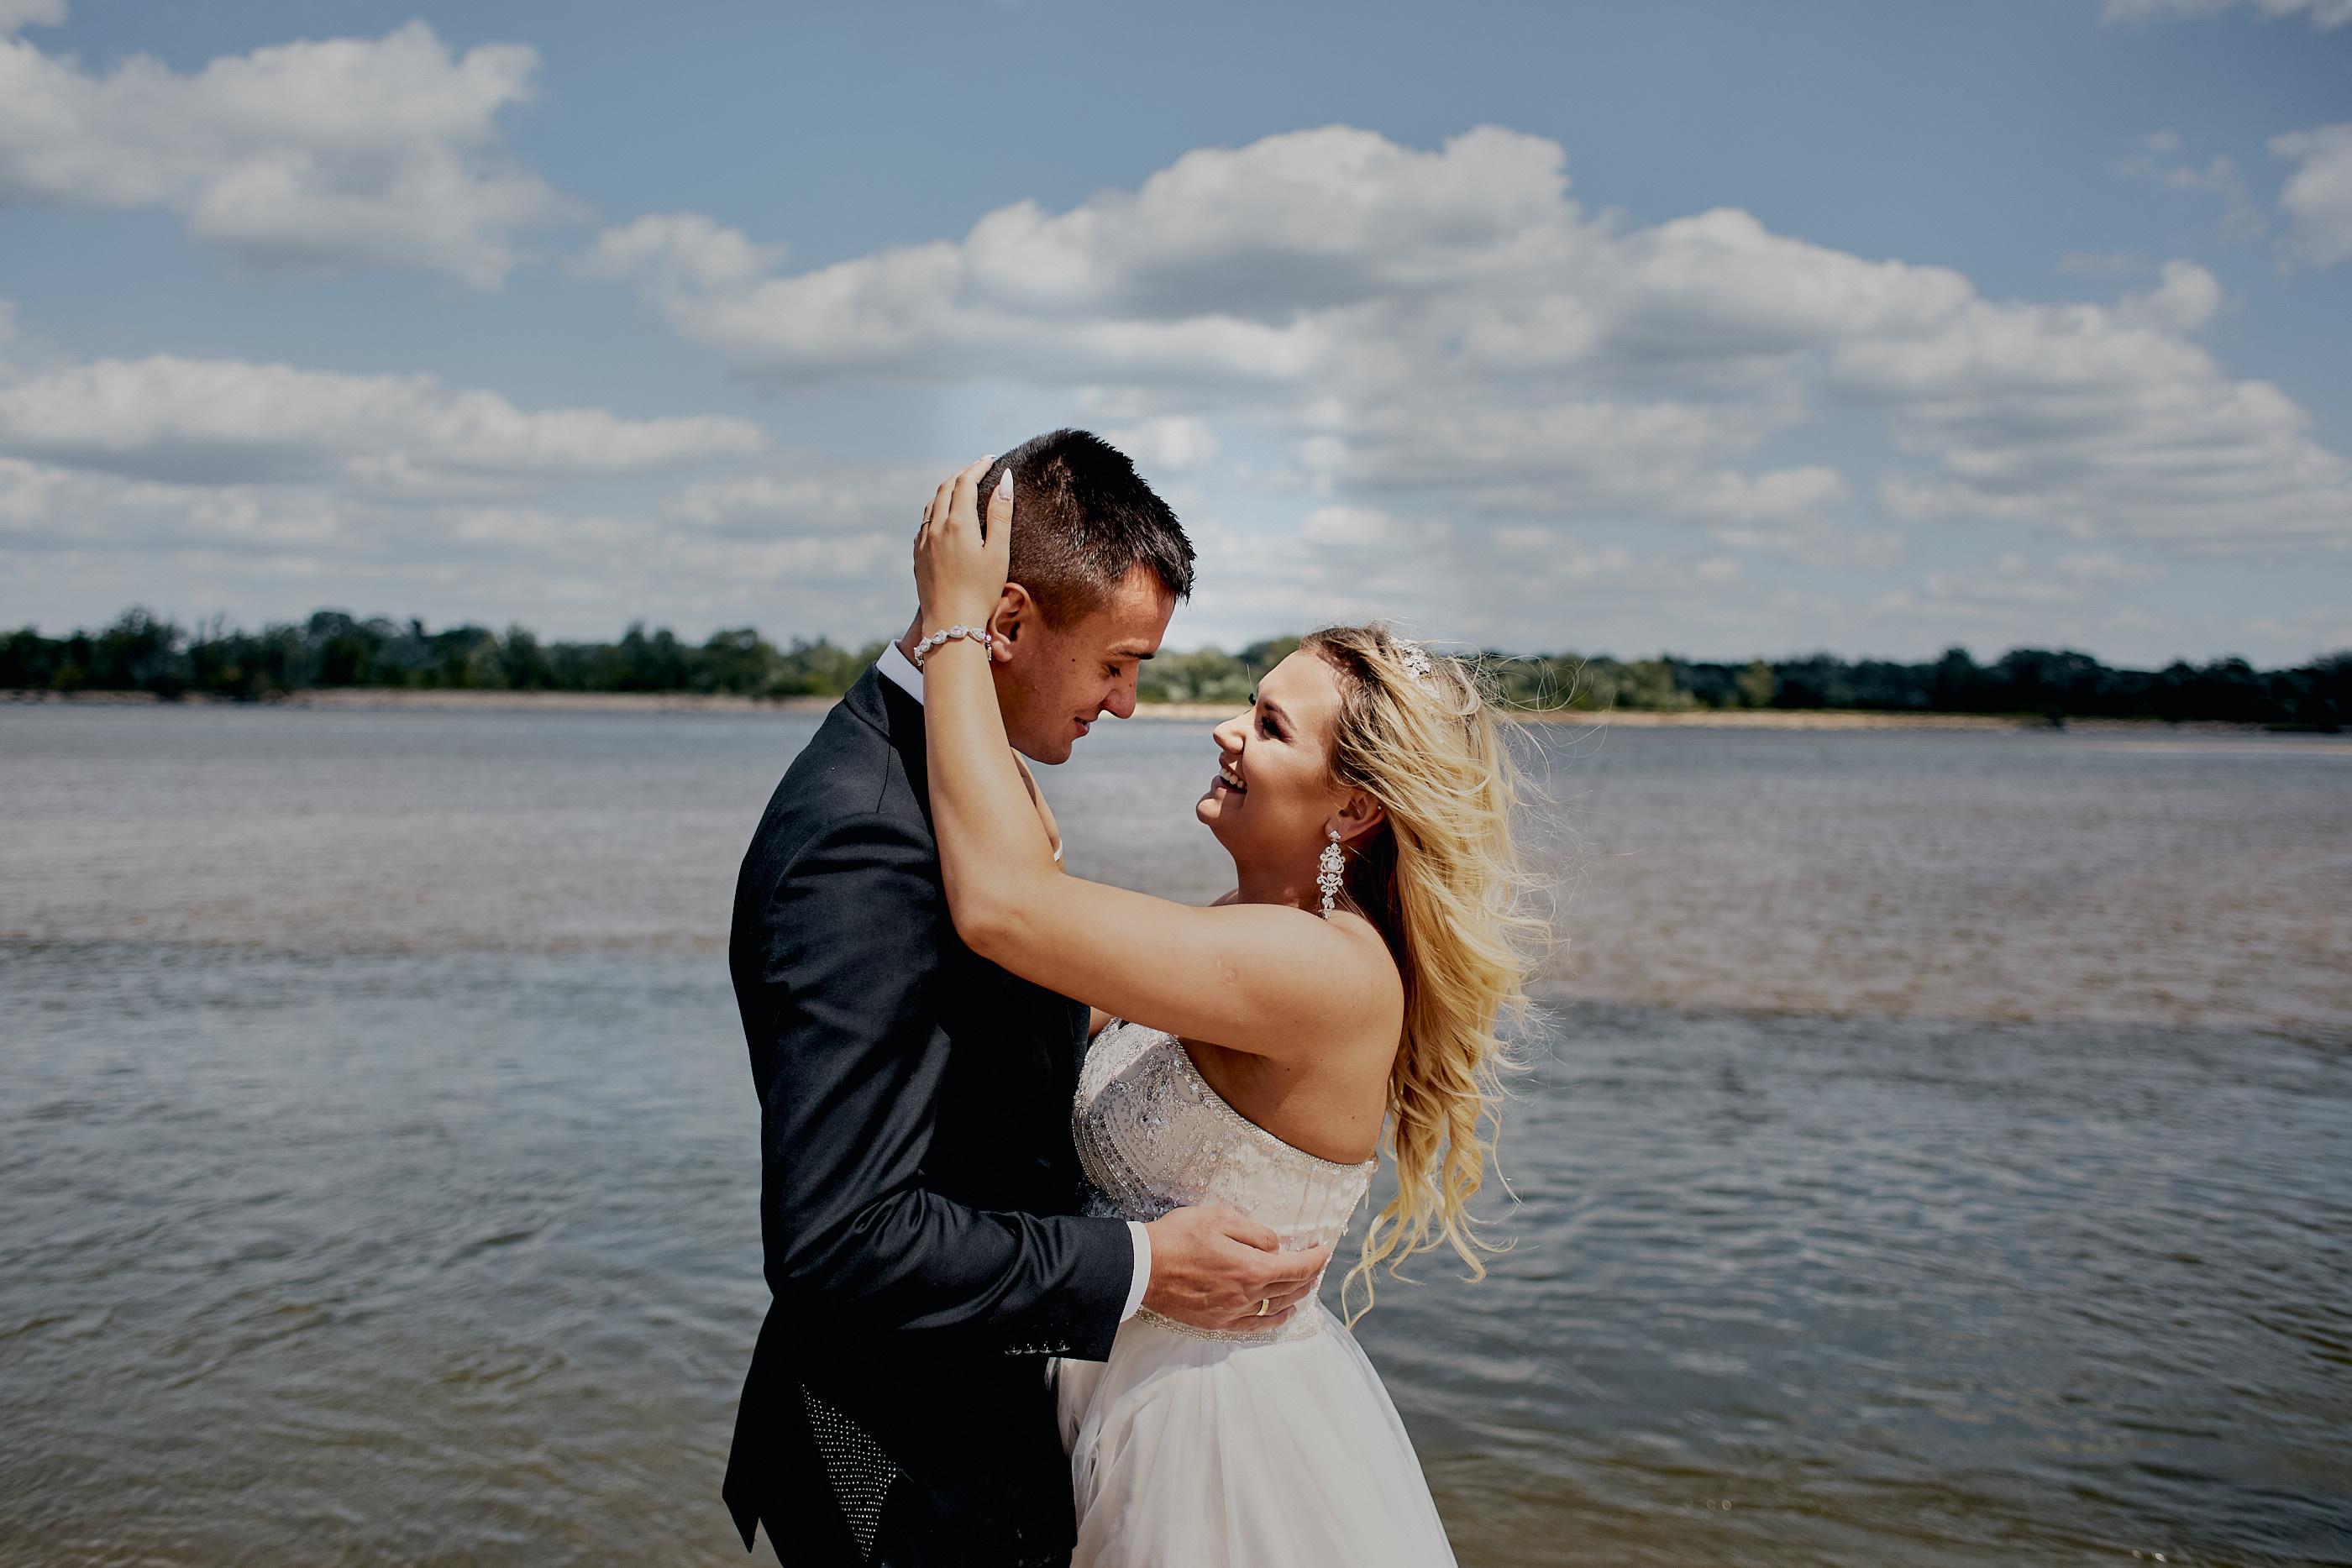 Sesja ślubna na plaży - Aleksandra i Konrad